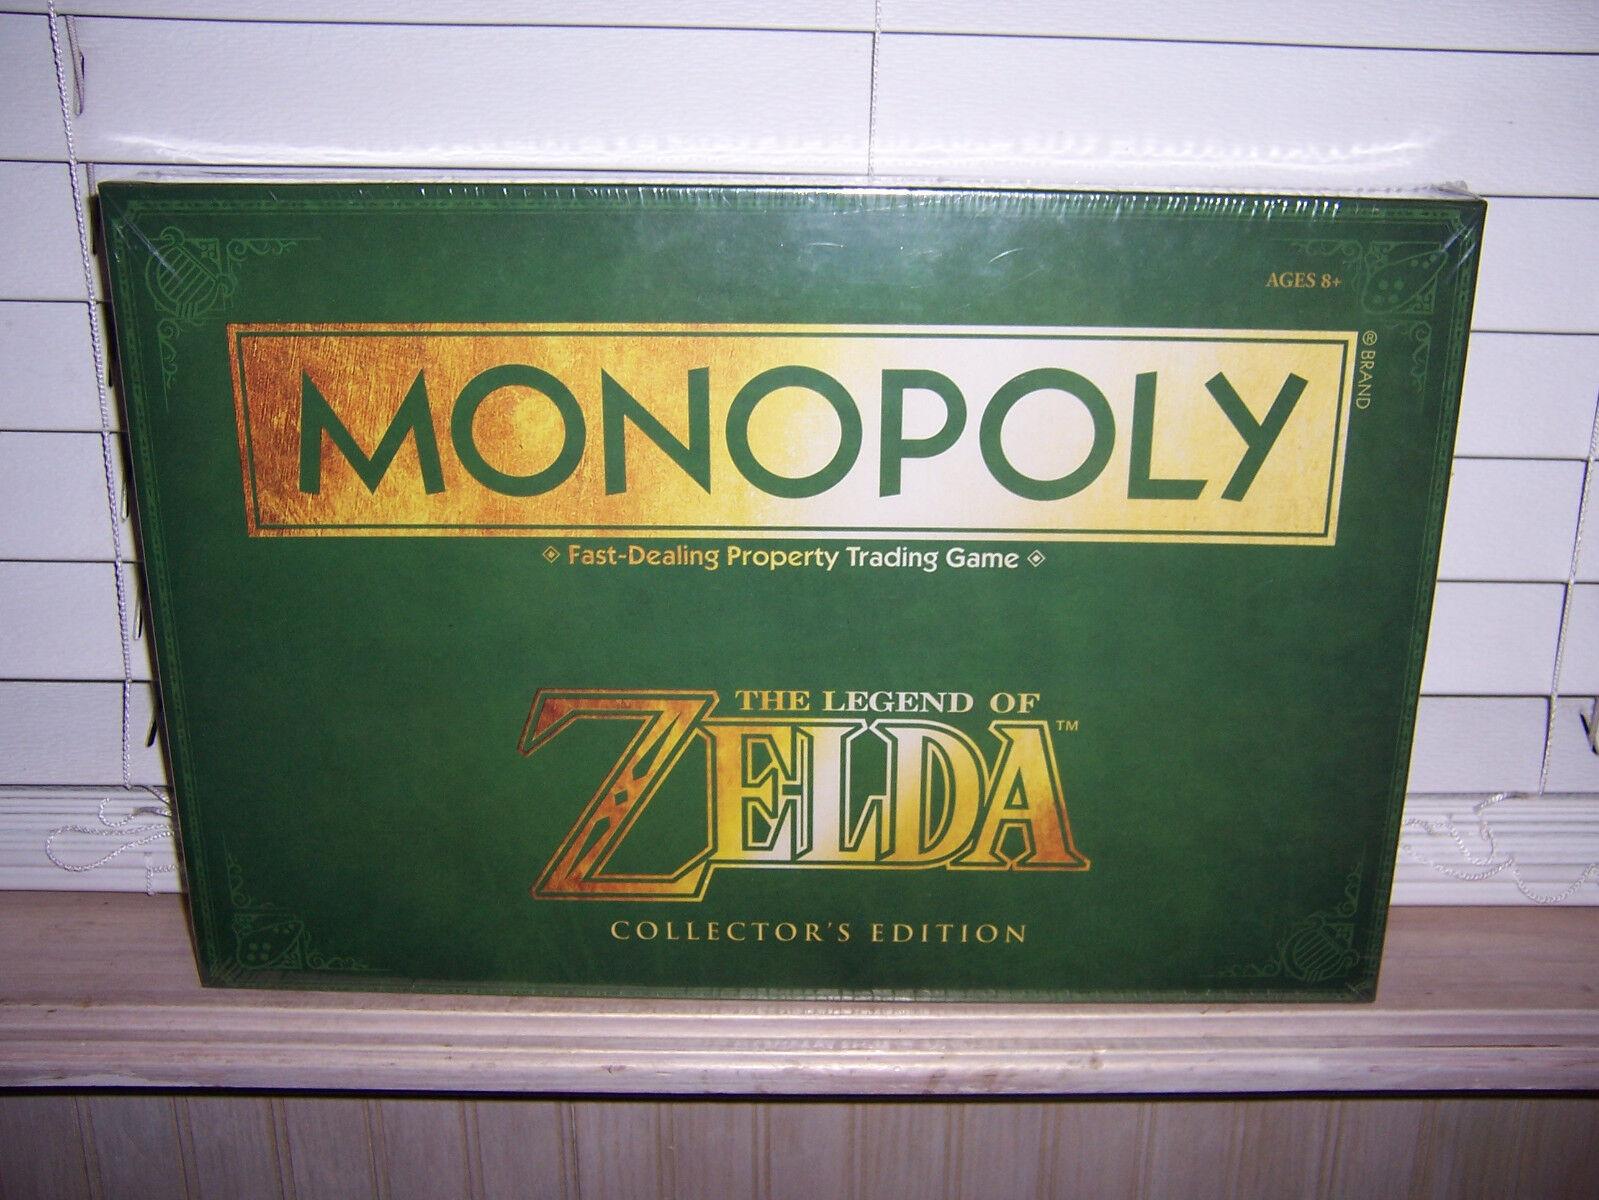 La Leyenda de Zelda Edición Coleccionista Juego De Monopolio Nuevo En Caja Sellada